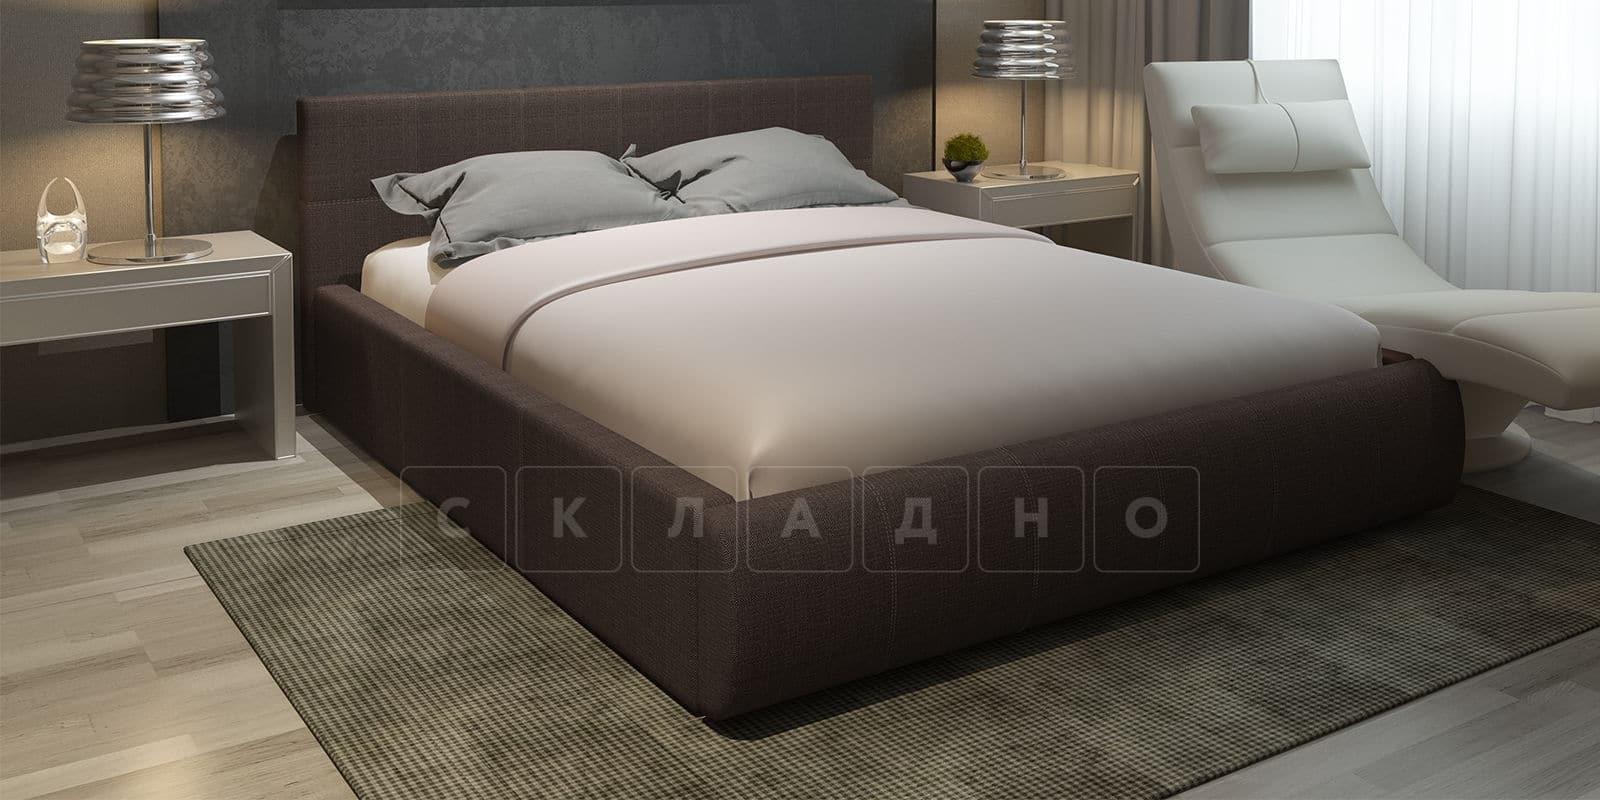 Мягкая кровать Афина 160см рогожка коричневого цвета фото 1 | интернет-магазин Складно